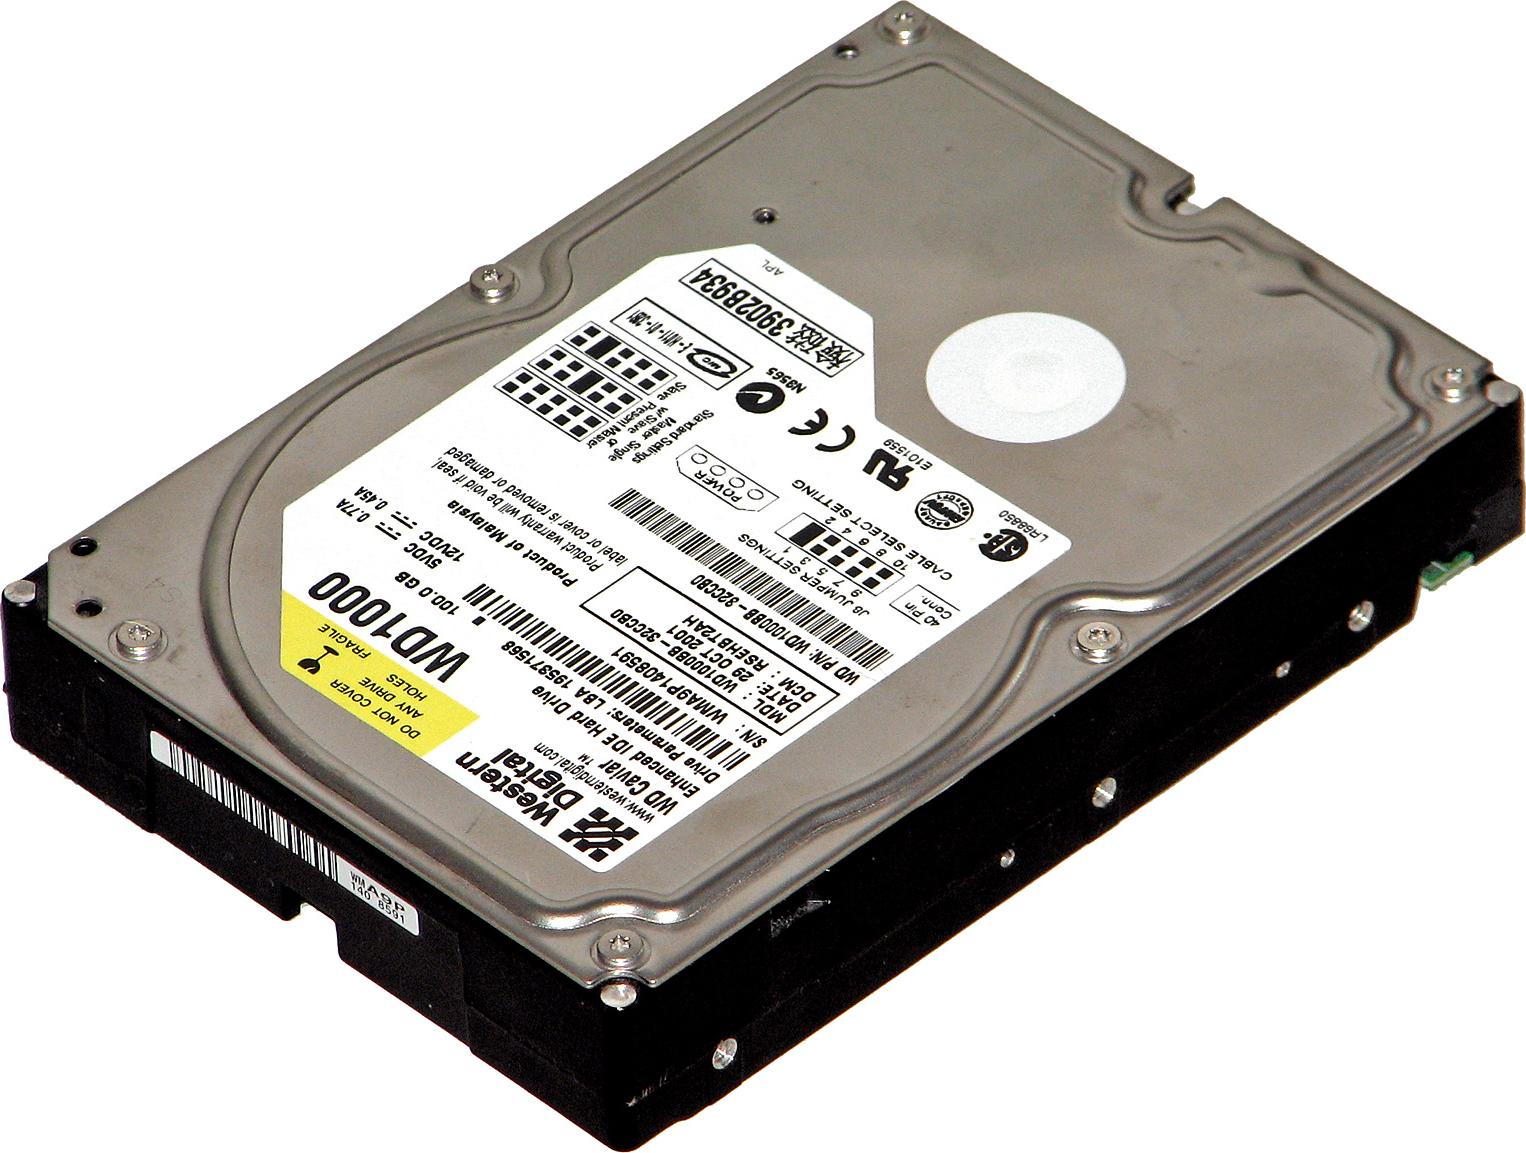 Harddisk HD PNG-PlusPNG.com-1526 - Harddisk HD PNG